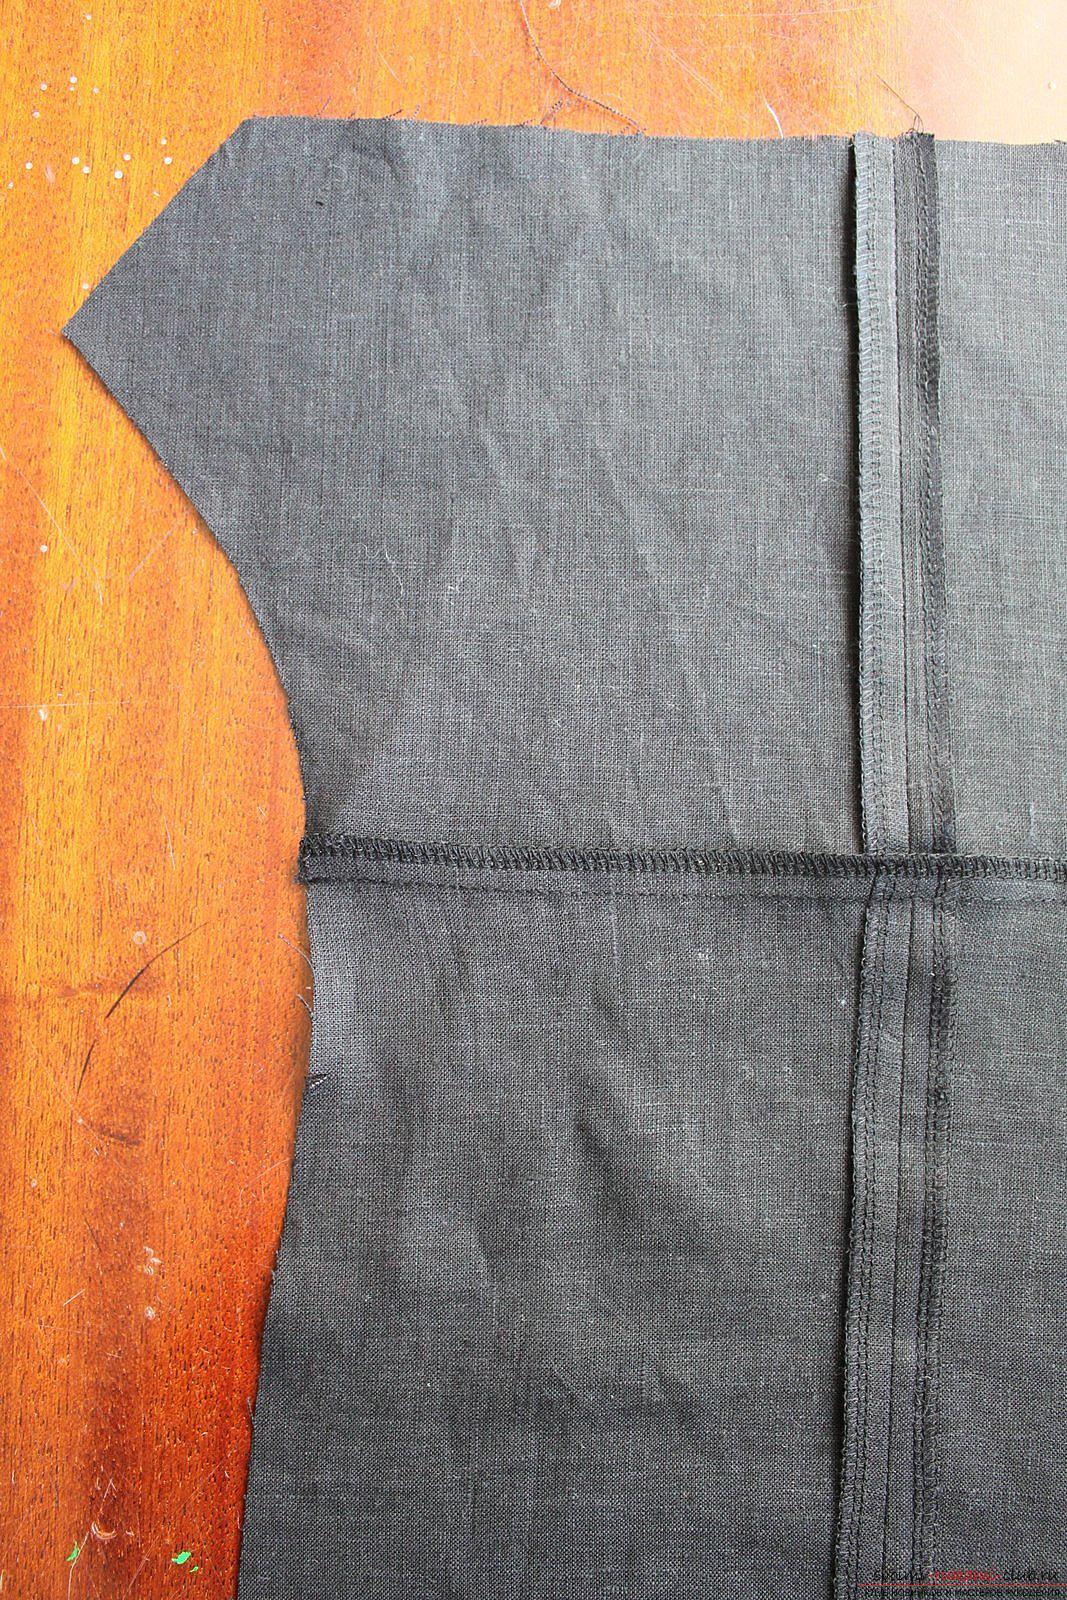 Этот подробный мастер-класс с фото и описанием научит как сшить своими руками платье из льна.. Фото №10